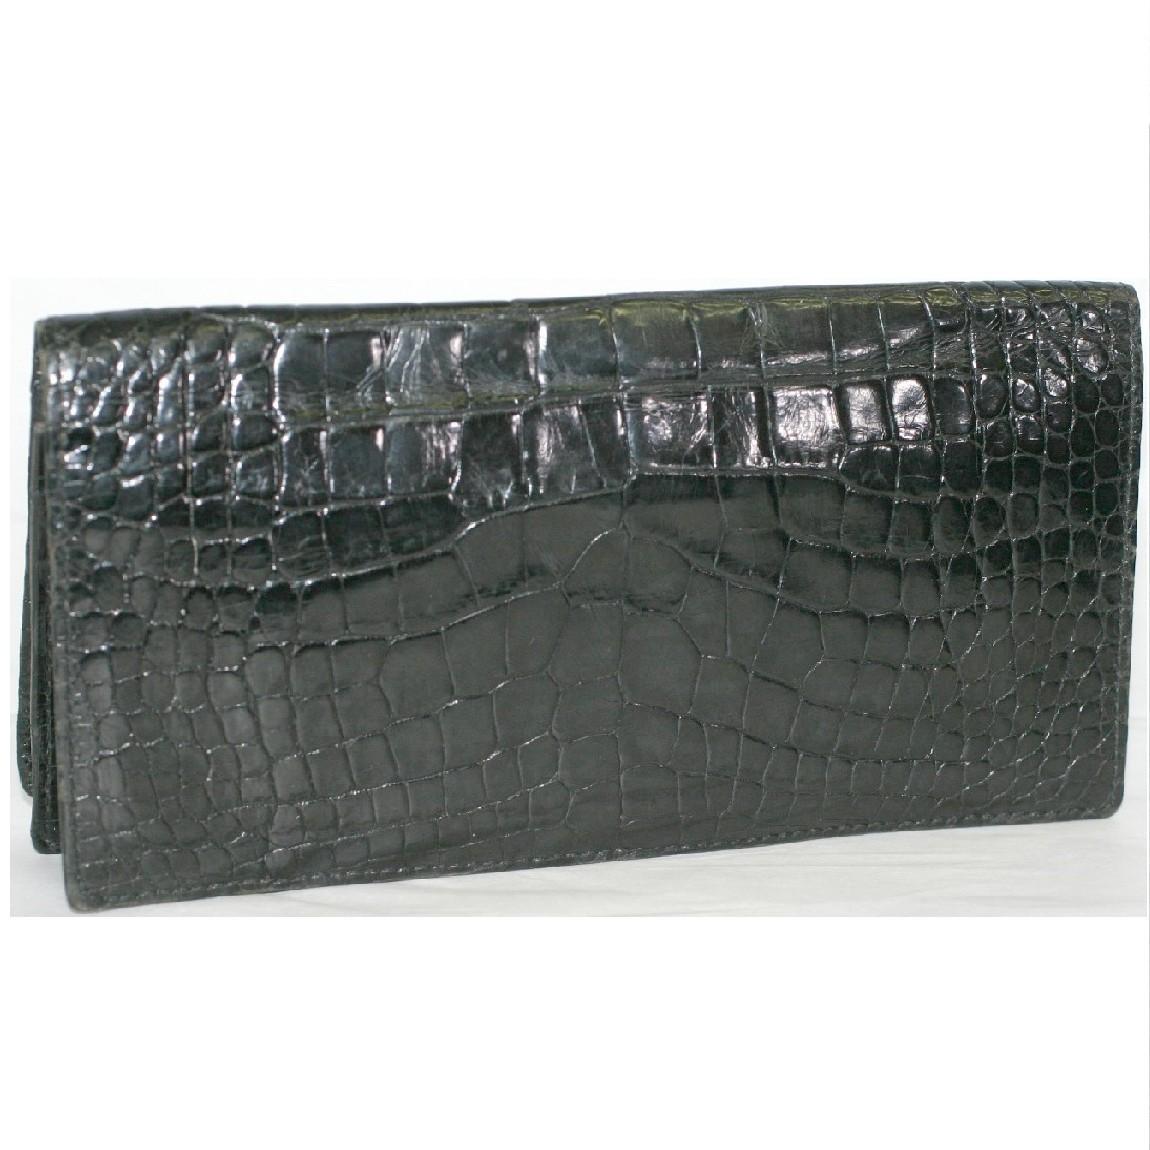 【中古】本物可紳士用高級感漂う黒クロコダイル素材マチあり長札カード入れ長財布